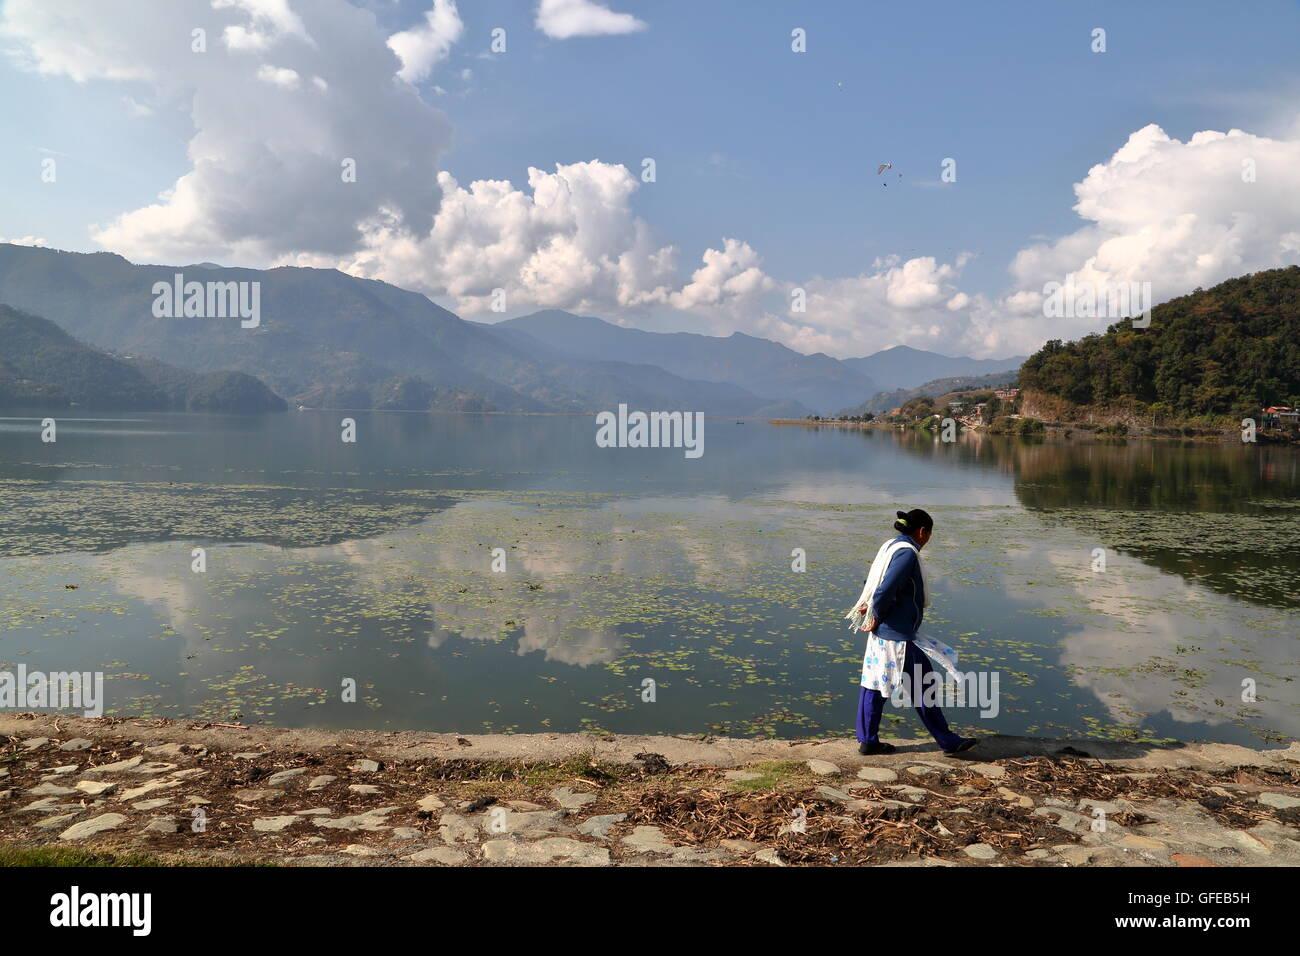 Nepalese woman walking along the shore of Phewa Lake, Pokhara, Nepal - Stock Image